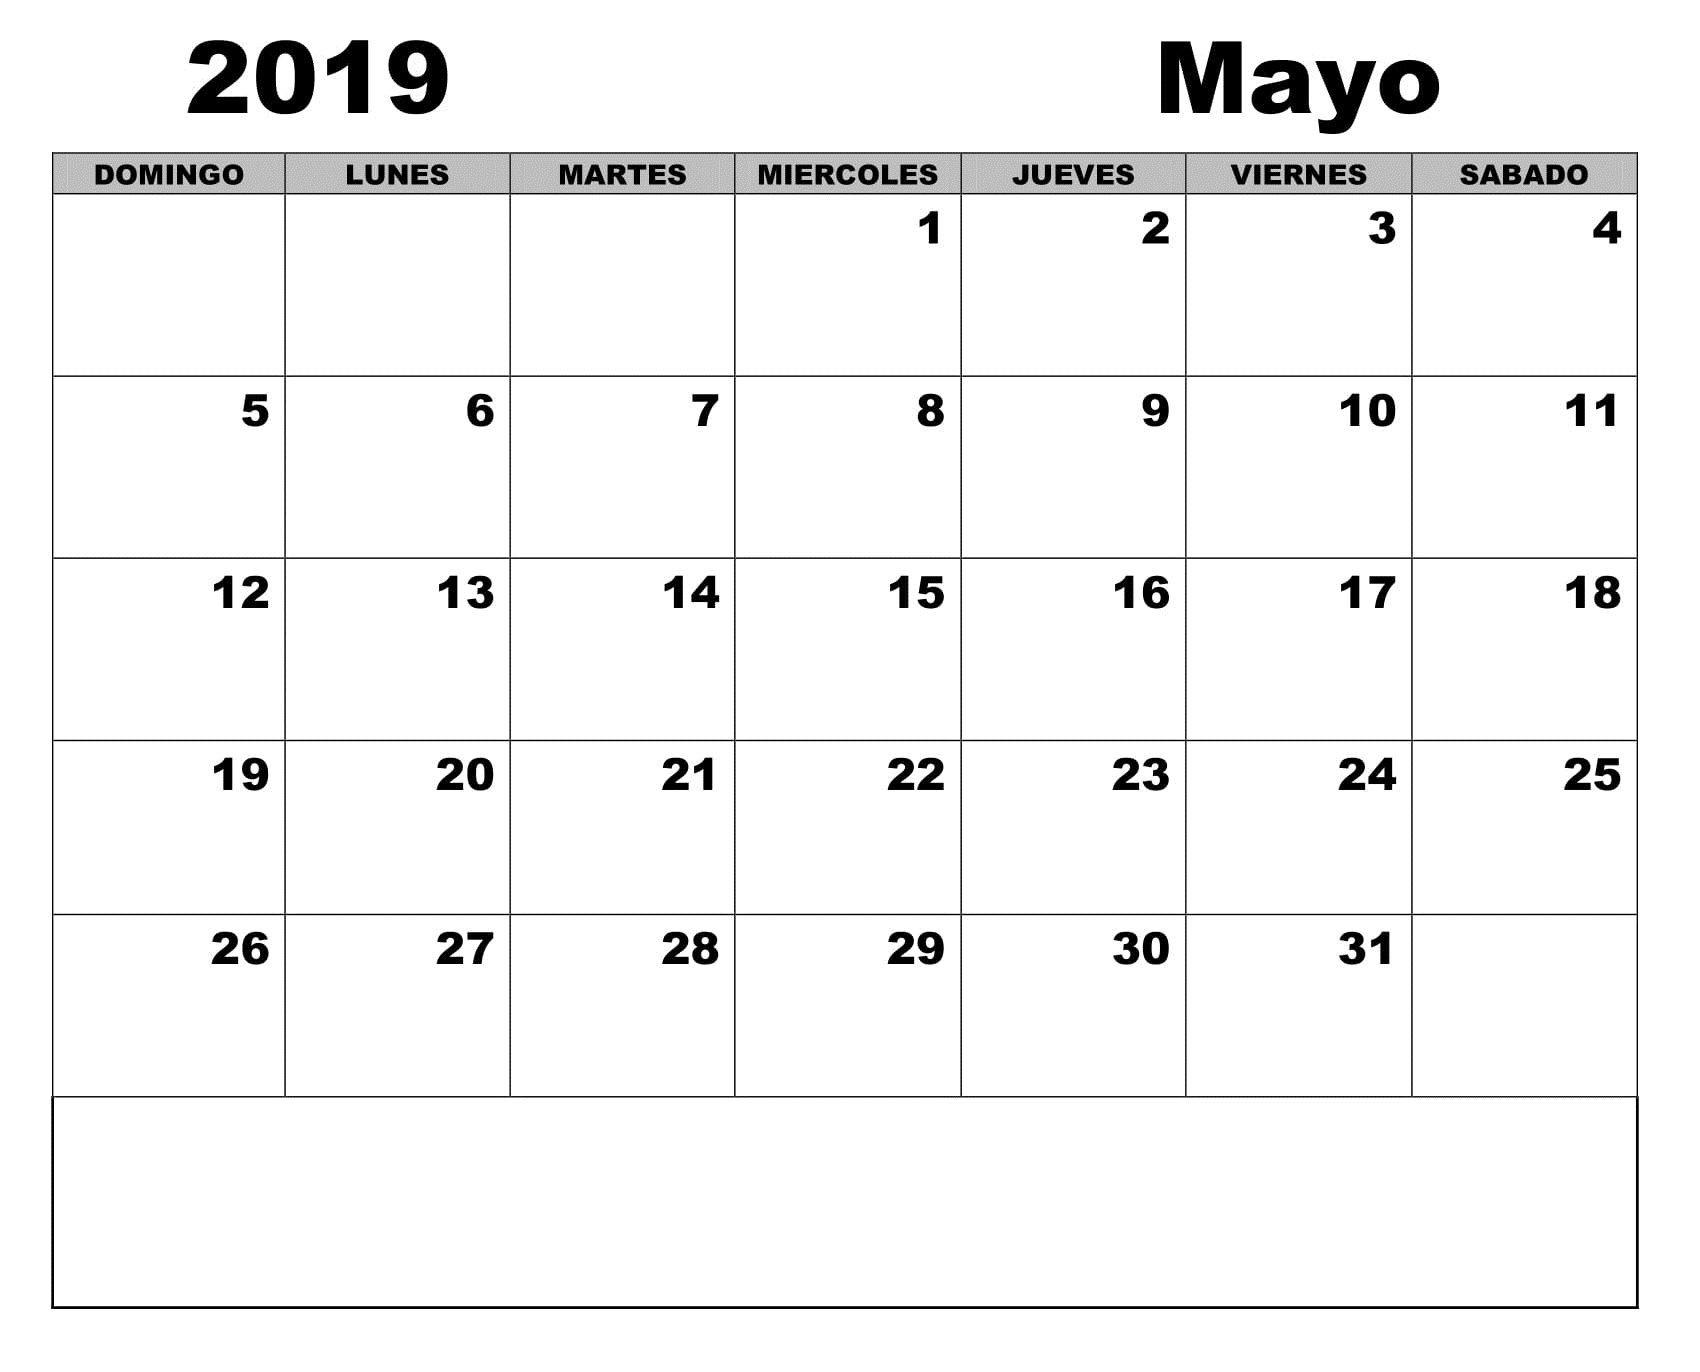 Calendario 2019 Chile Con Feriados Chile Más Populares Mayo 2019 Con Festivos Calendario Lista De Tareas Of Calendario 2019 Chile Con Feriados Chile Más Recientes Calendrio Fevereiro De 2019 Lindo Para Imprimir Feriados E